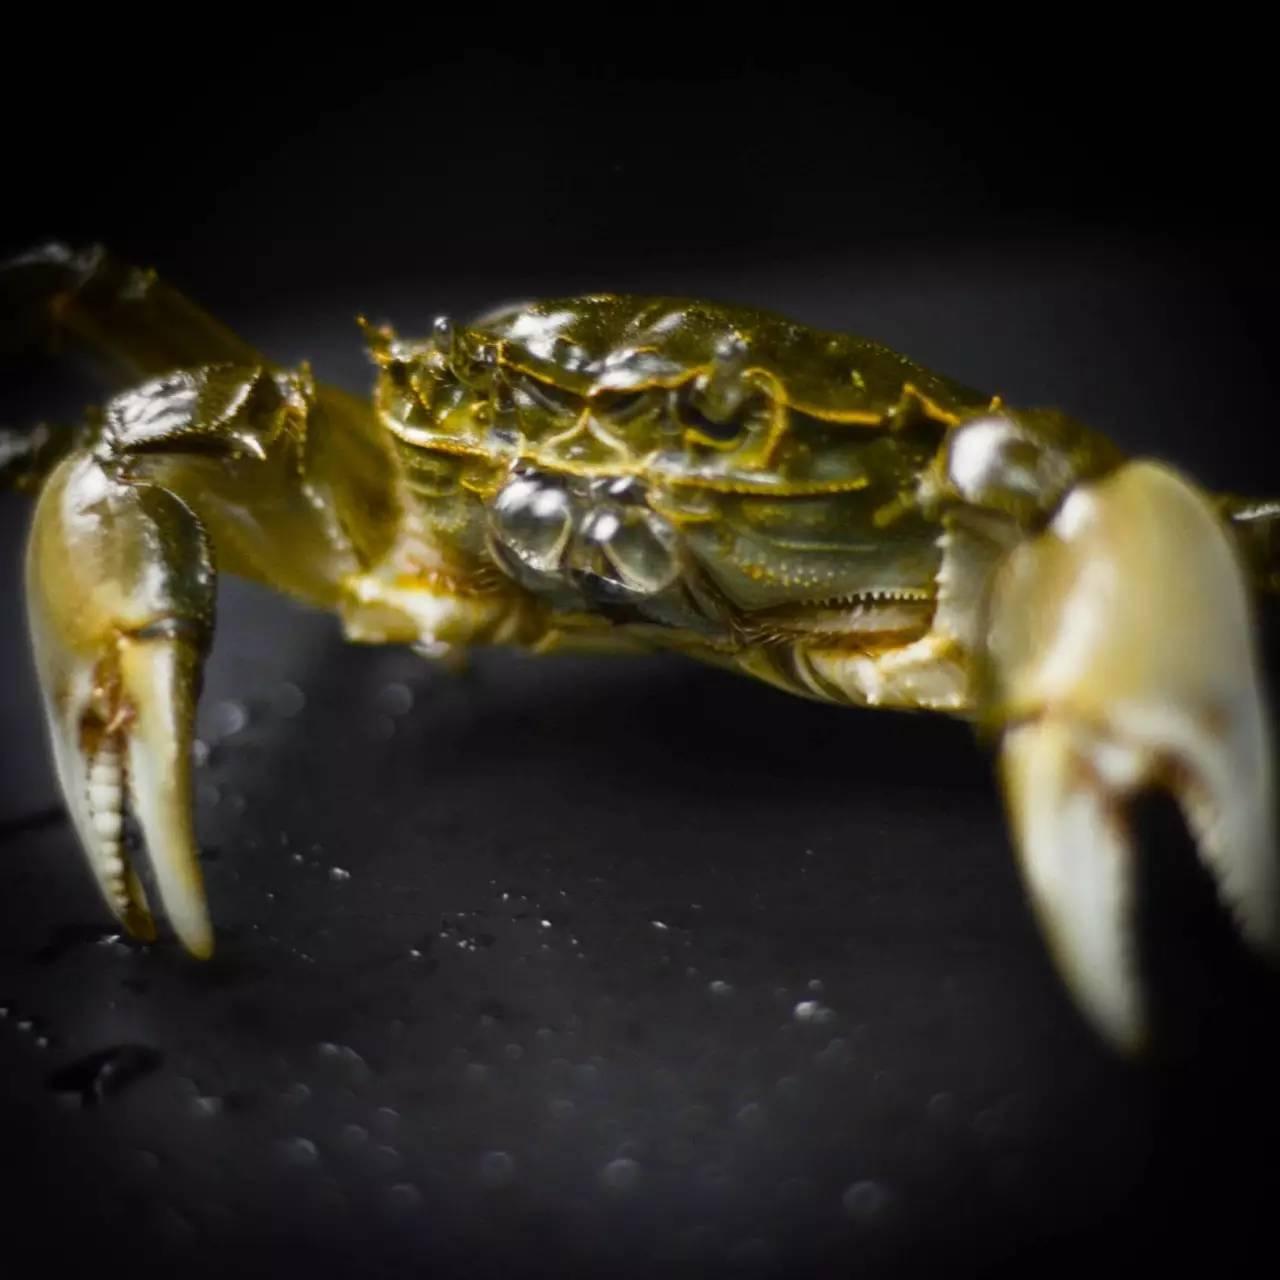 我敢打赌,90%的人连怎么吃螃蟹都不知道 | 深夜菜谱